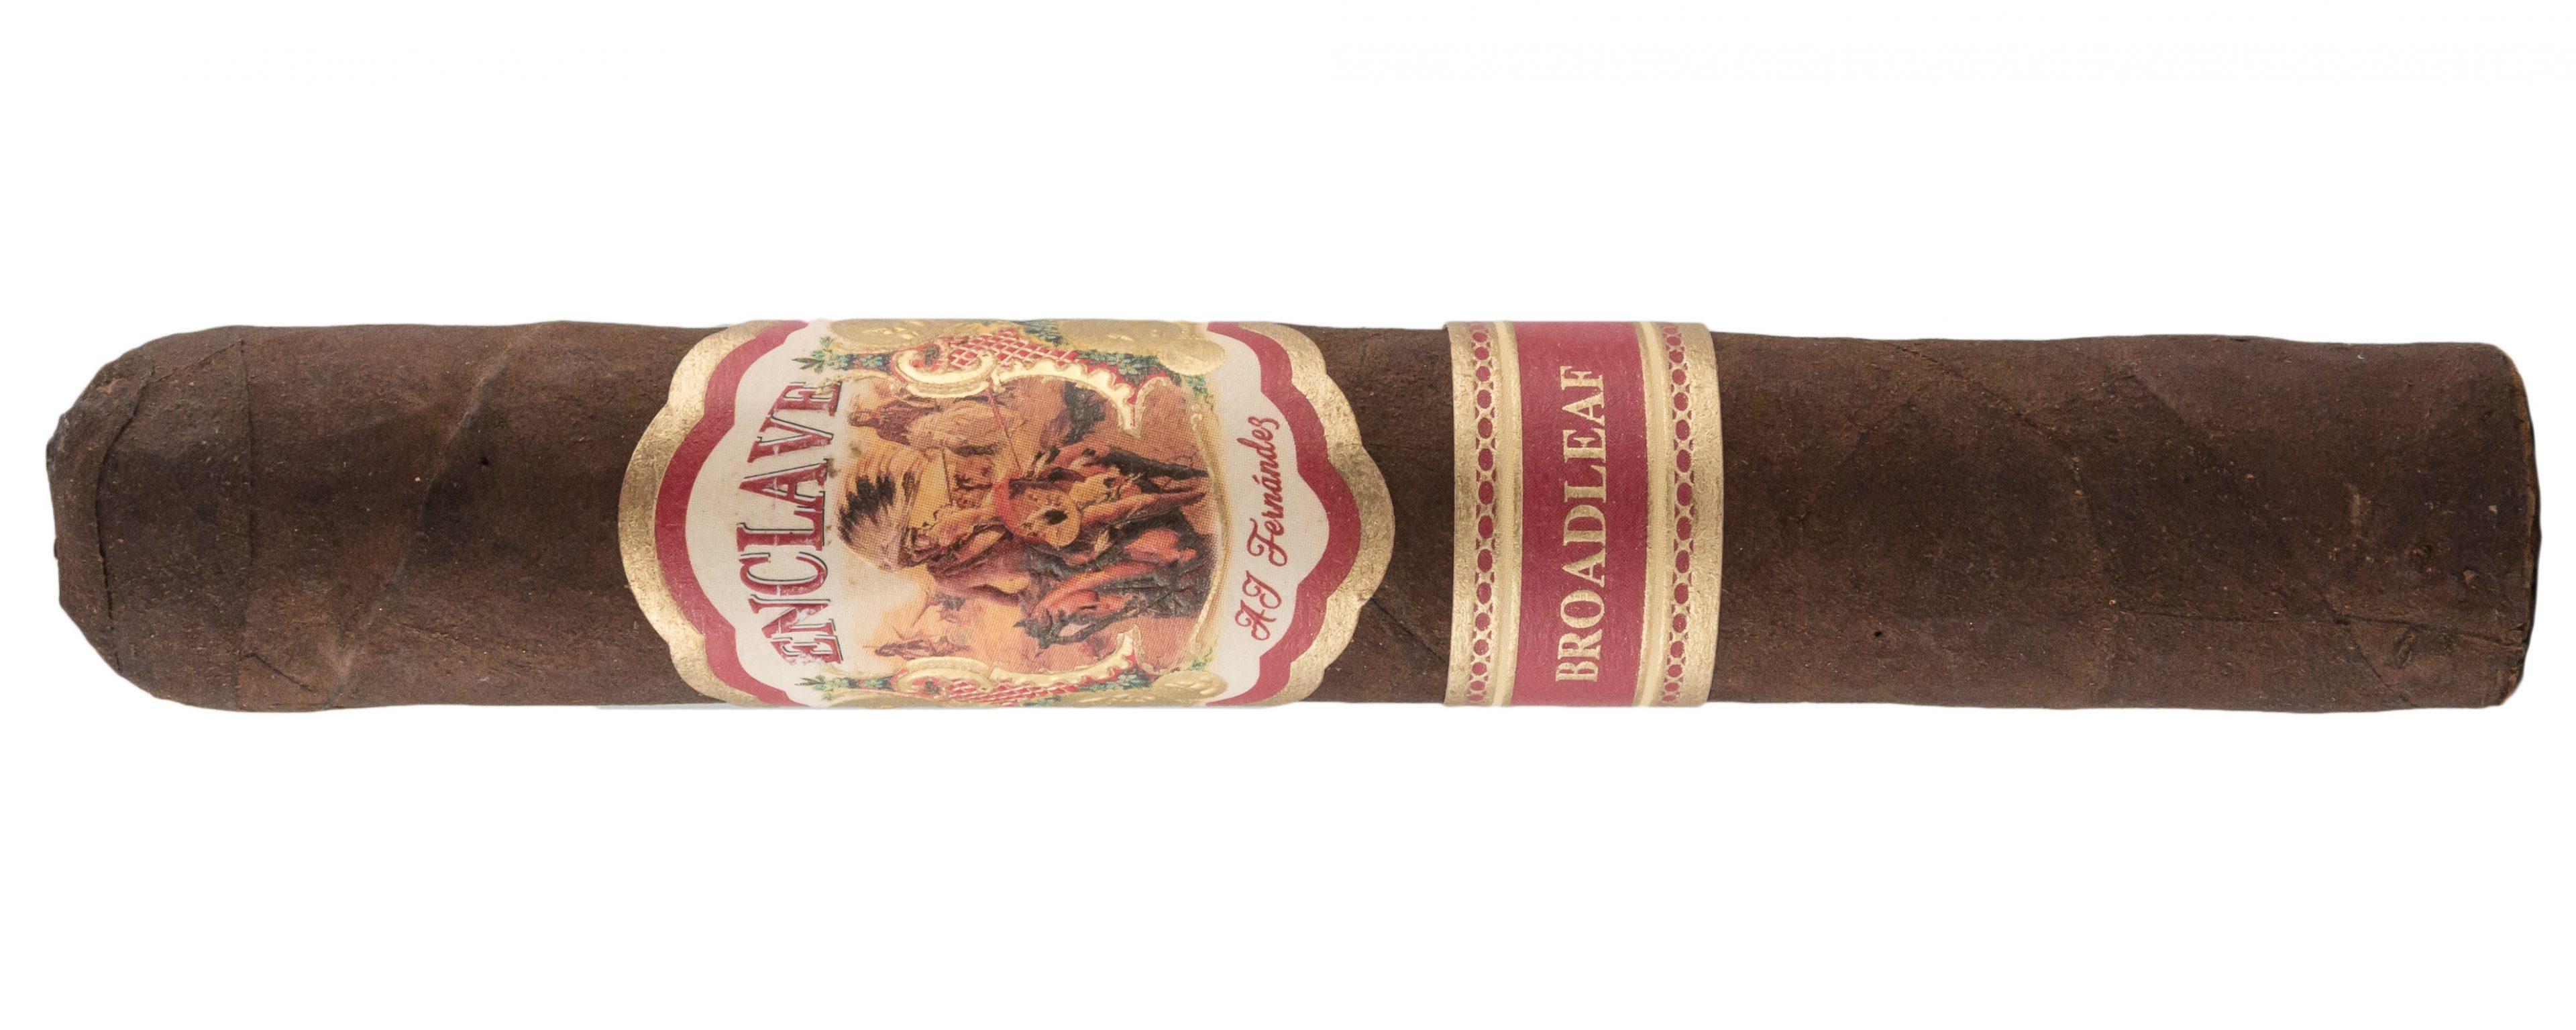 Quick Cigar Review: AJ Fernandez Enclave Broadleaf Robusto